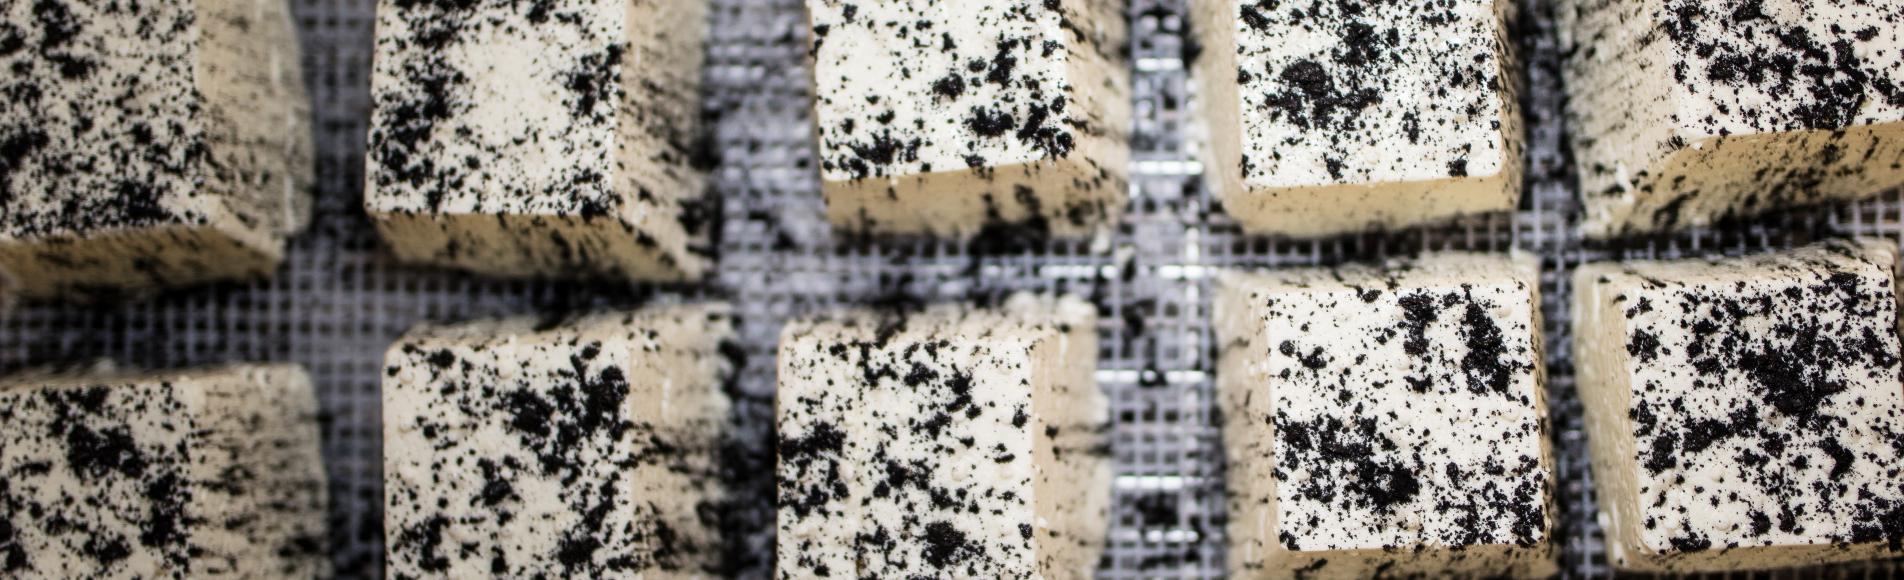 Fromages de chèvre - Ferme des Cabrioles © Fabien Thibault - Parc national des Ecrins